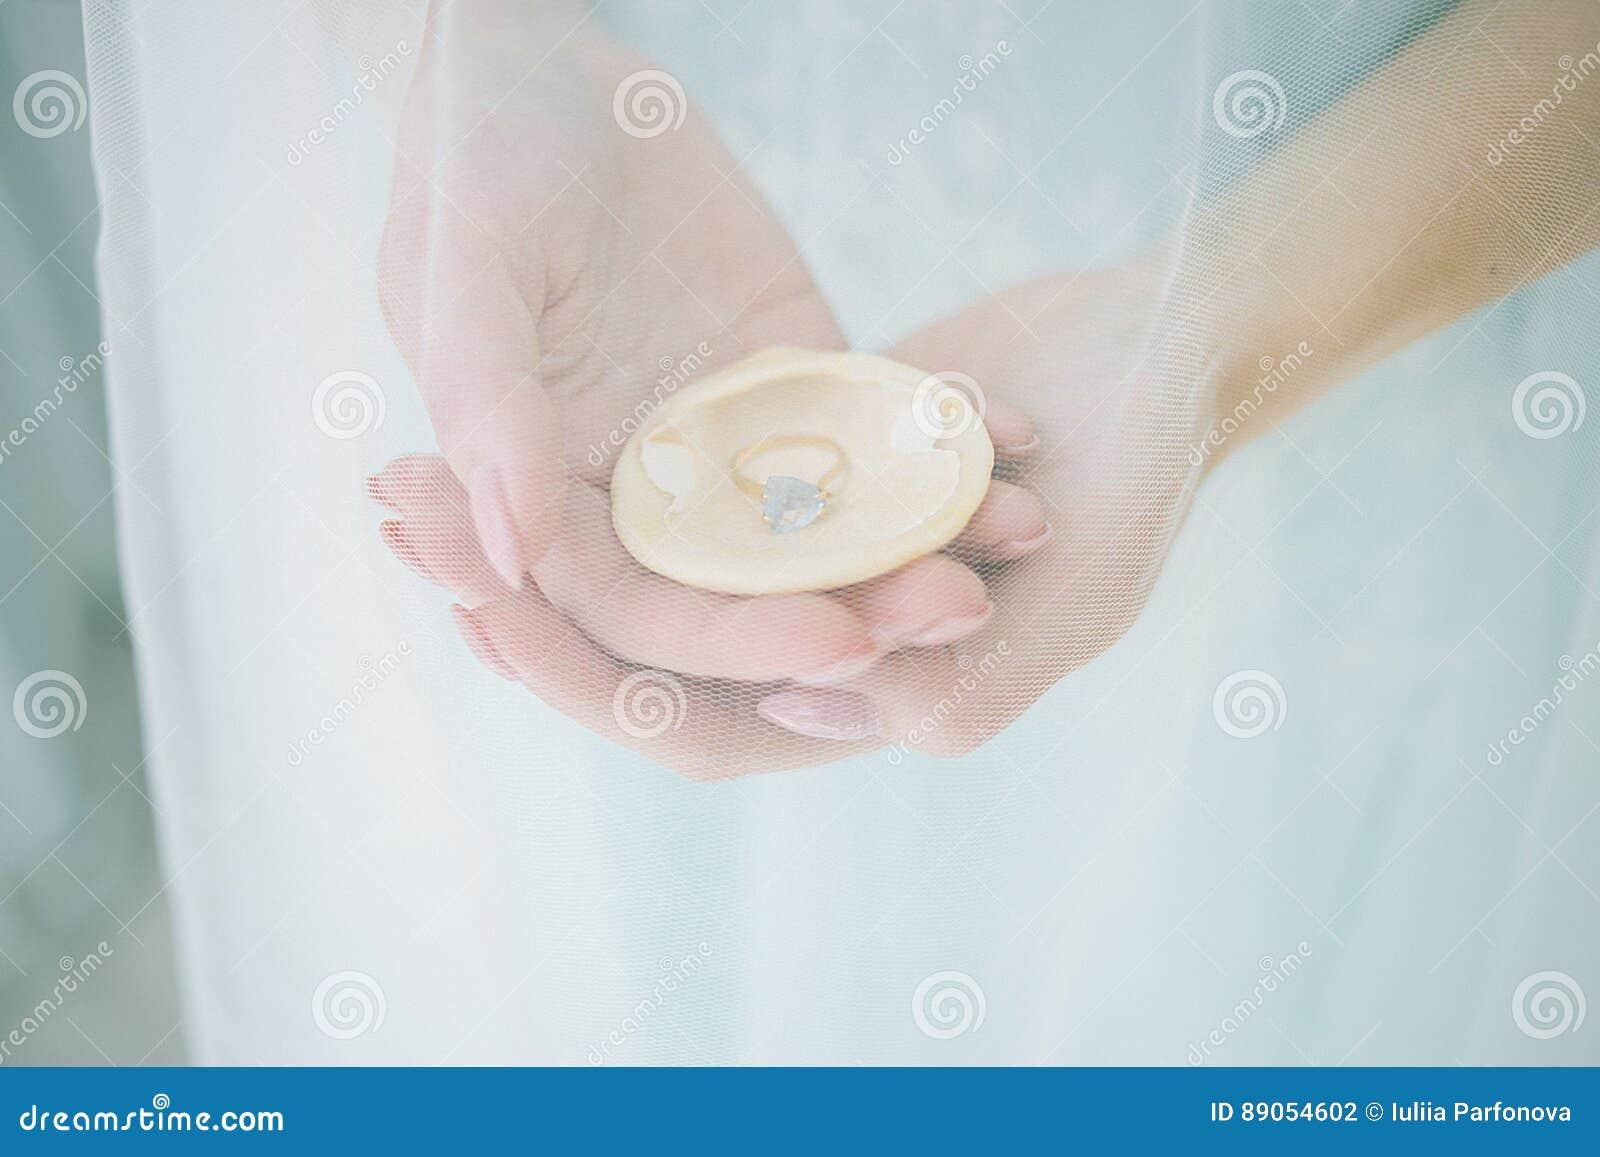 Concha marina en las manos de la novia